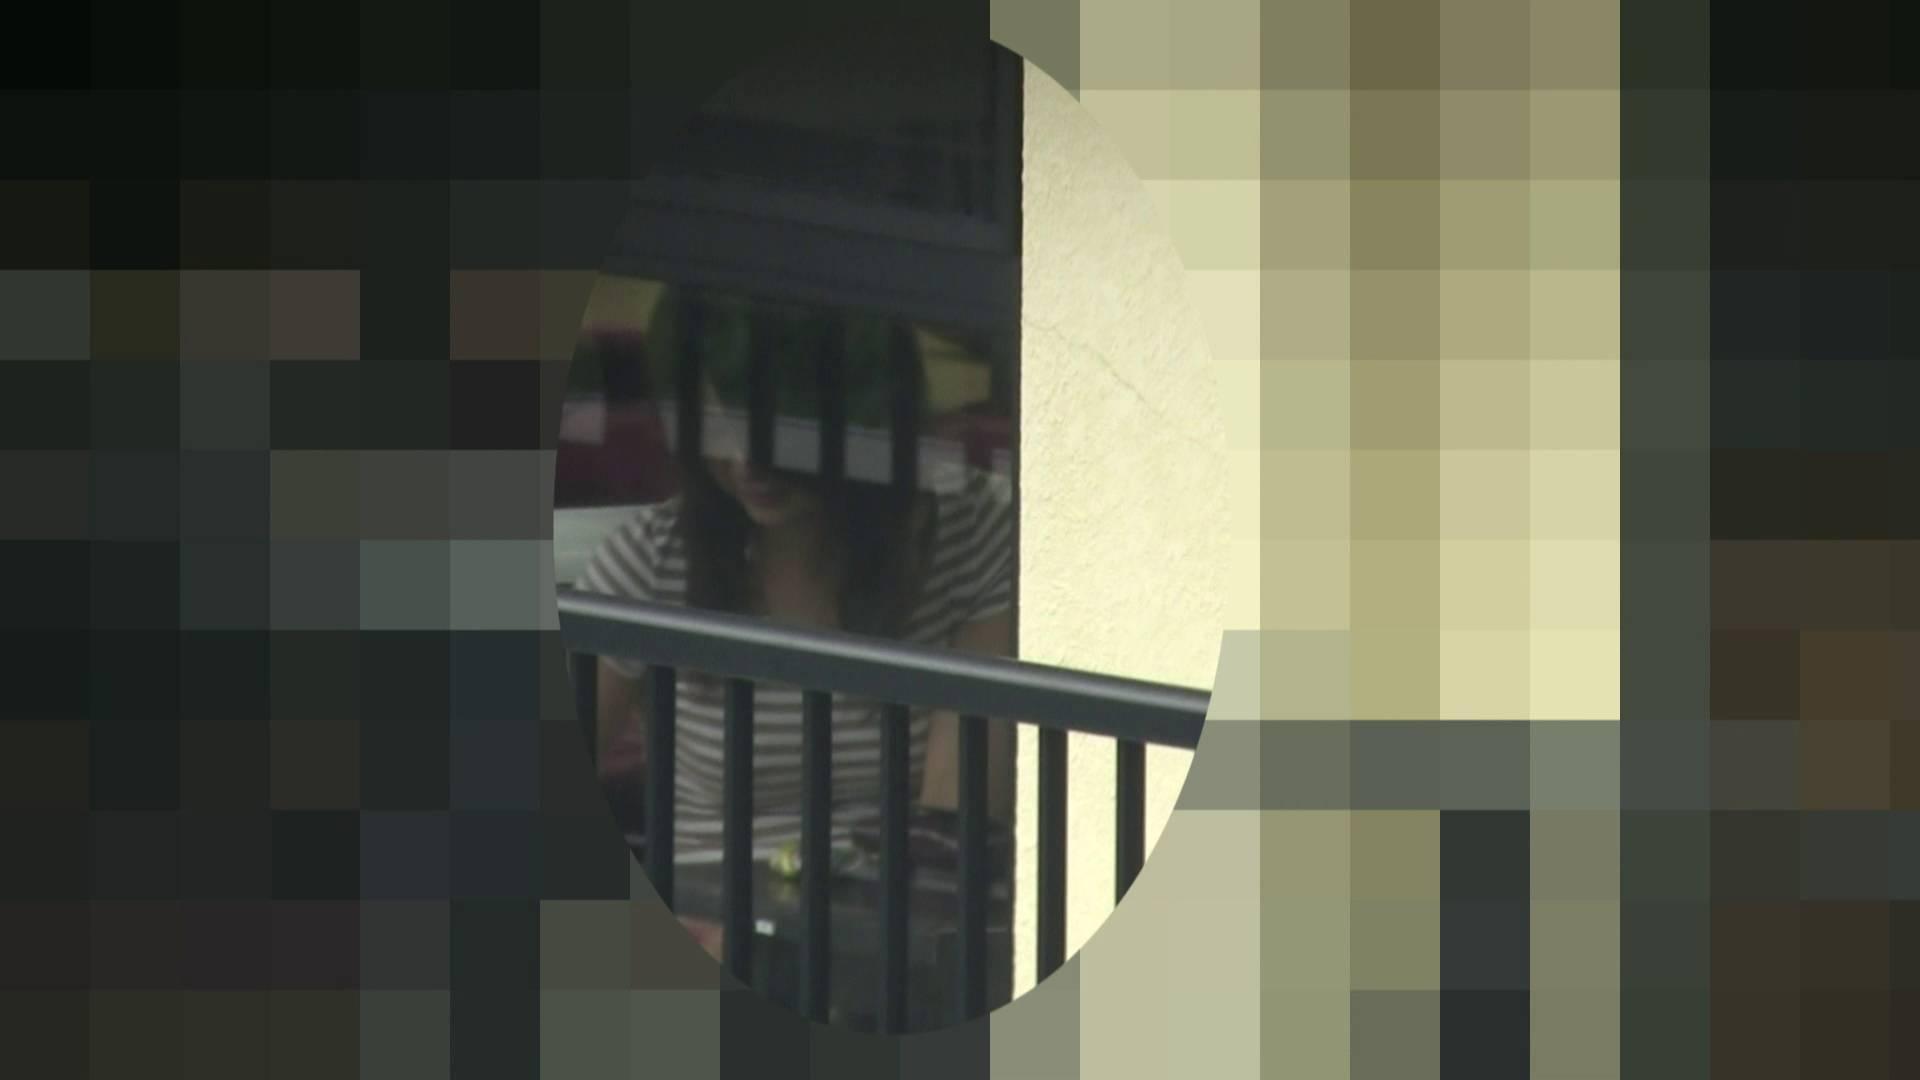 高画質露天女風呂観察 vol.032 高画質 オマンコ無修正動画無料 103pic 94